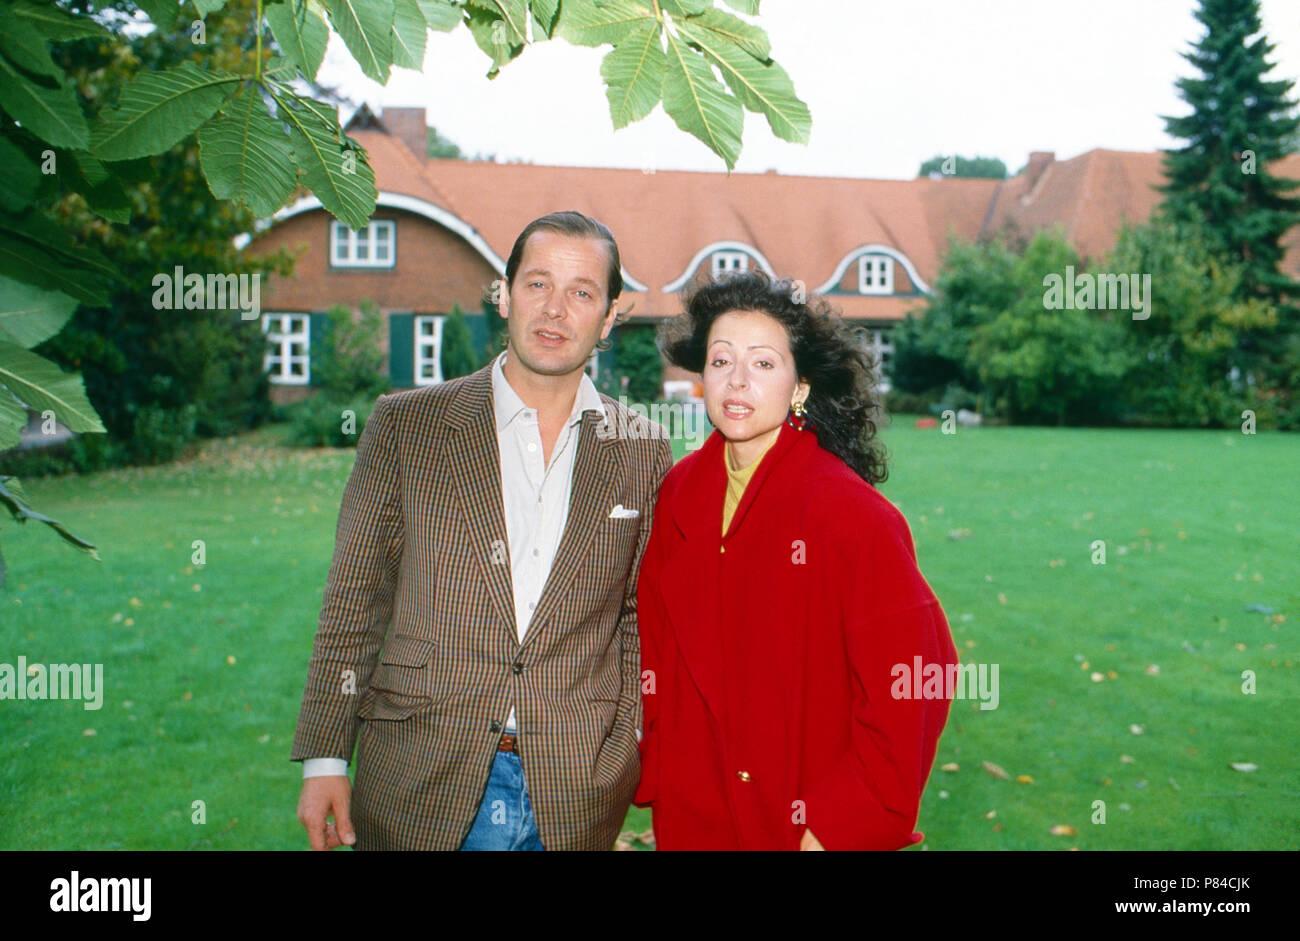 Enno Freiherr von Ruffin mit Ehefrau Sängerin Vicky Leandros vor Gut Basthorst, Deutschland 1988. Enno Baron von Ruffin with his wife, singer Vicky Leandros in front of Basthorst mansion, Germany 1988. - Stock Image